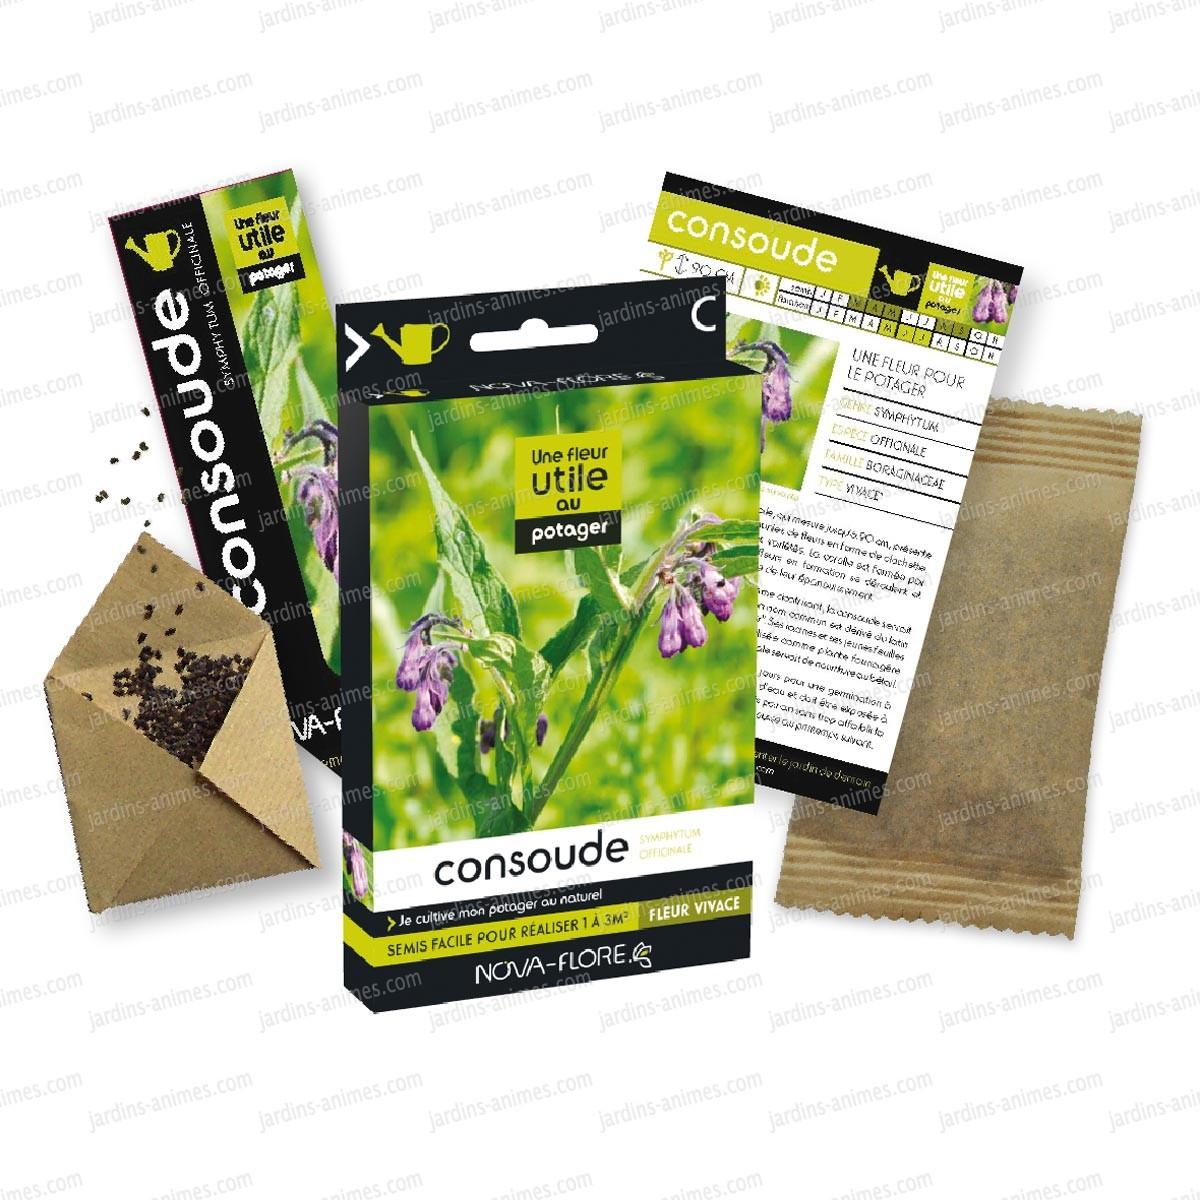 Fleur utile au potager graine de consoude graines de fleurs utiles - Graine de consoude ...